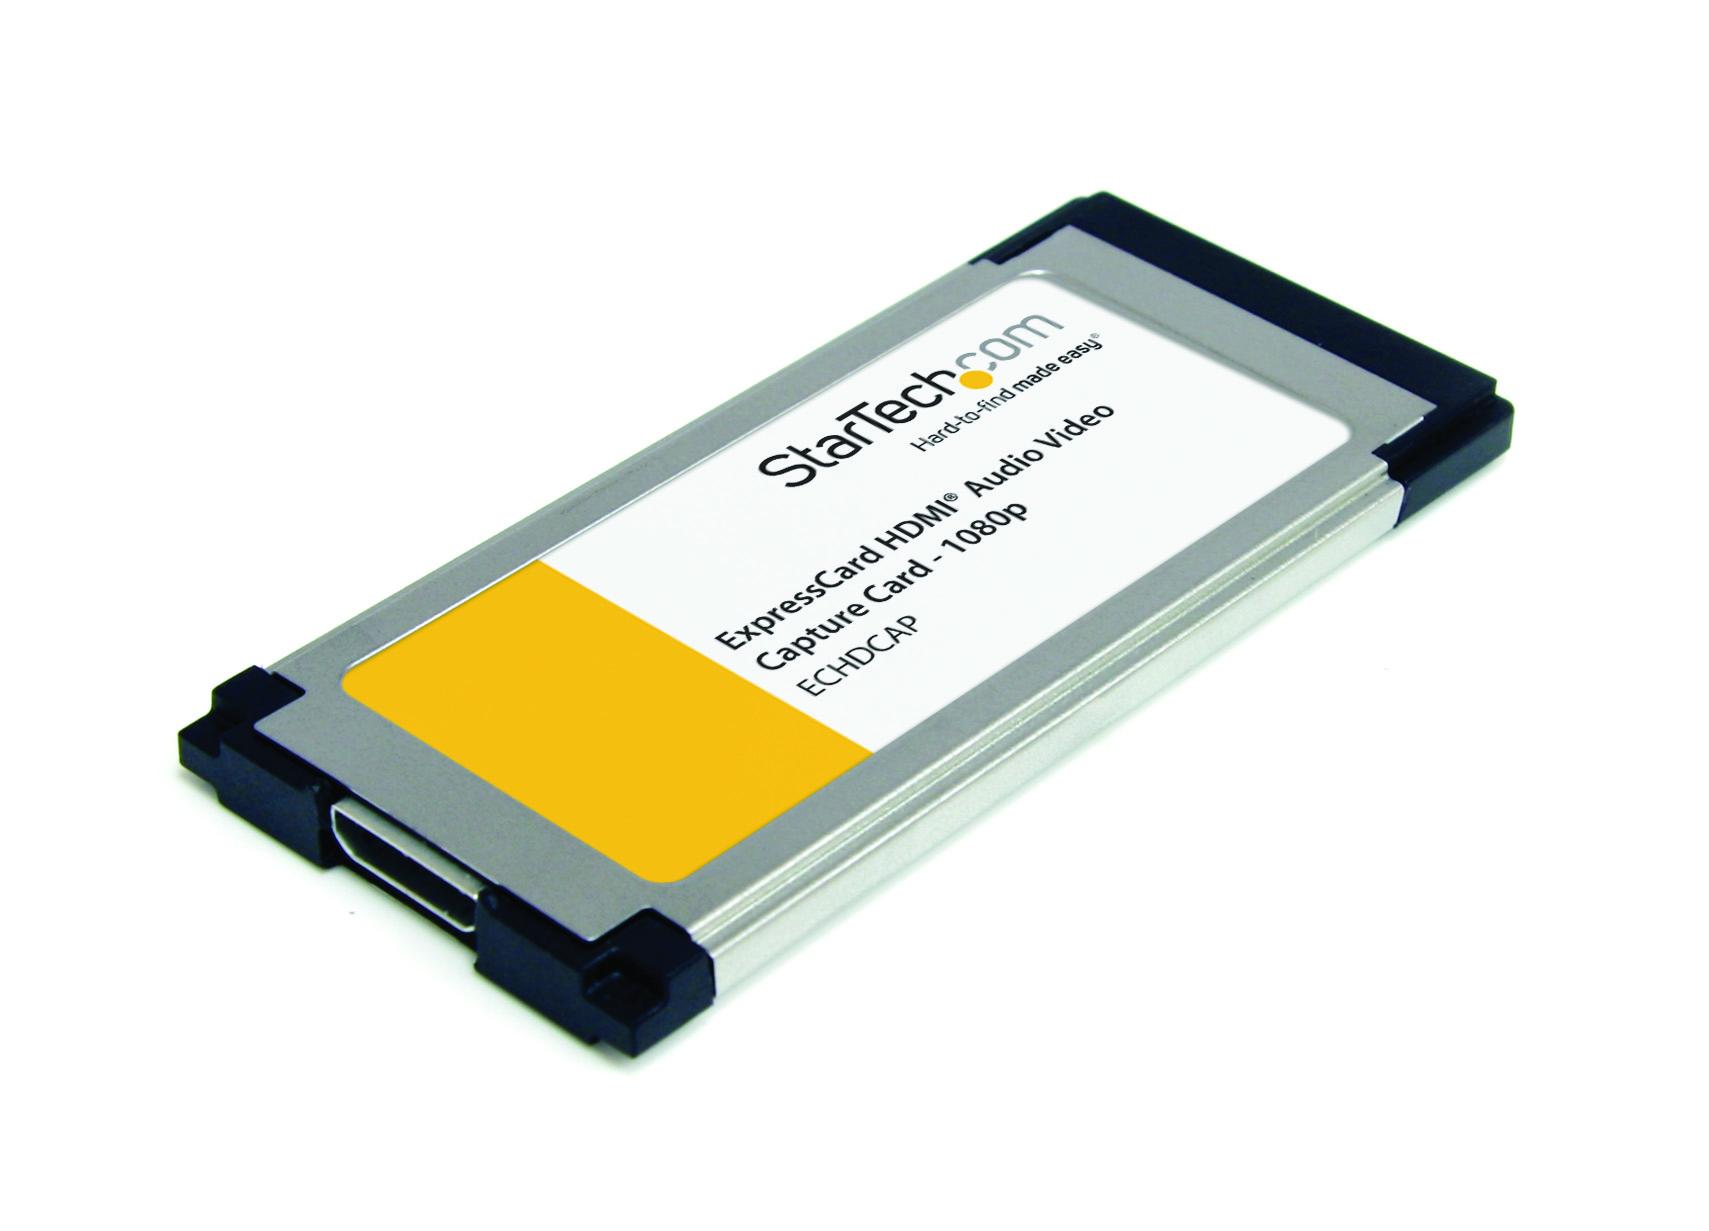 StarTech ExpressCard Video Capture Card